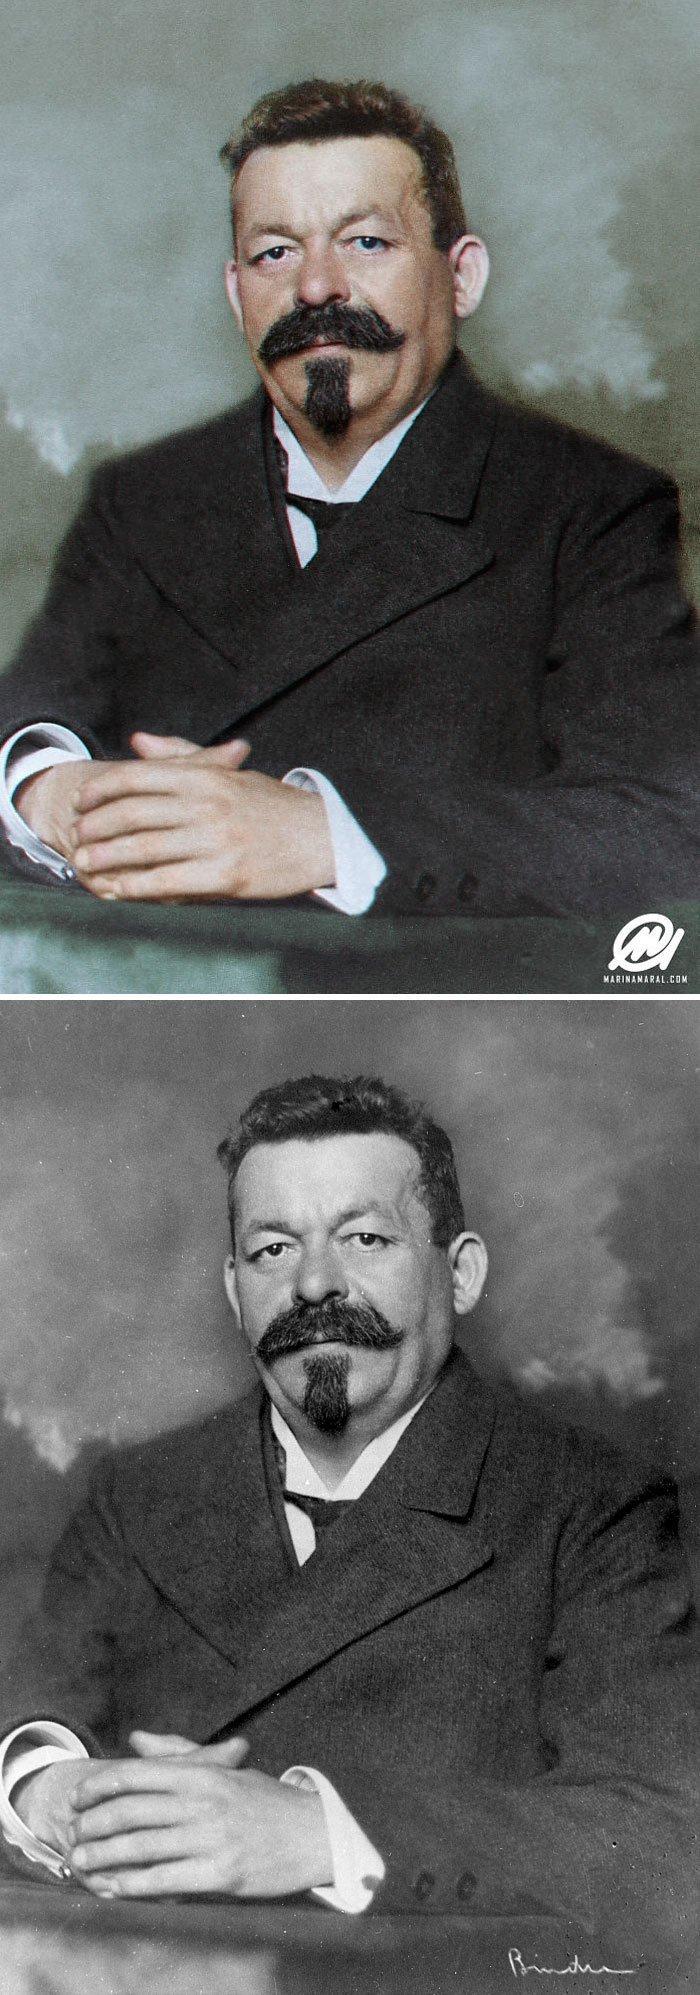 Фридрих Эберт история, портрет, прошлое, событие, фотография, фотомир, цвет